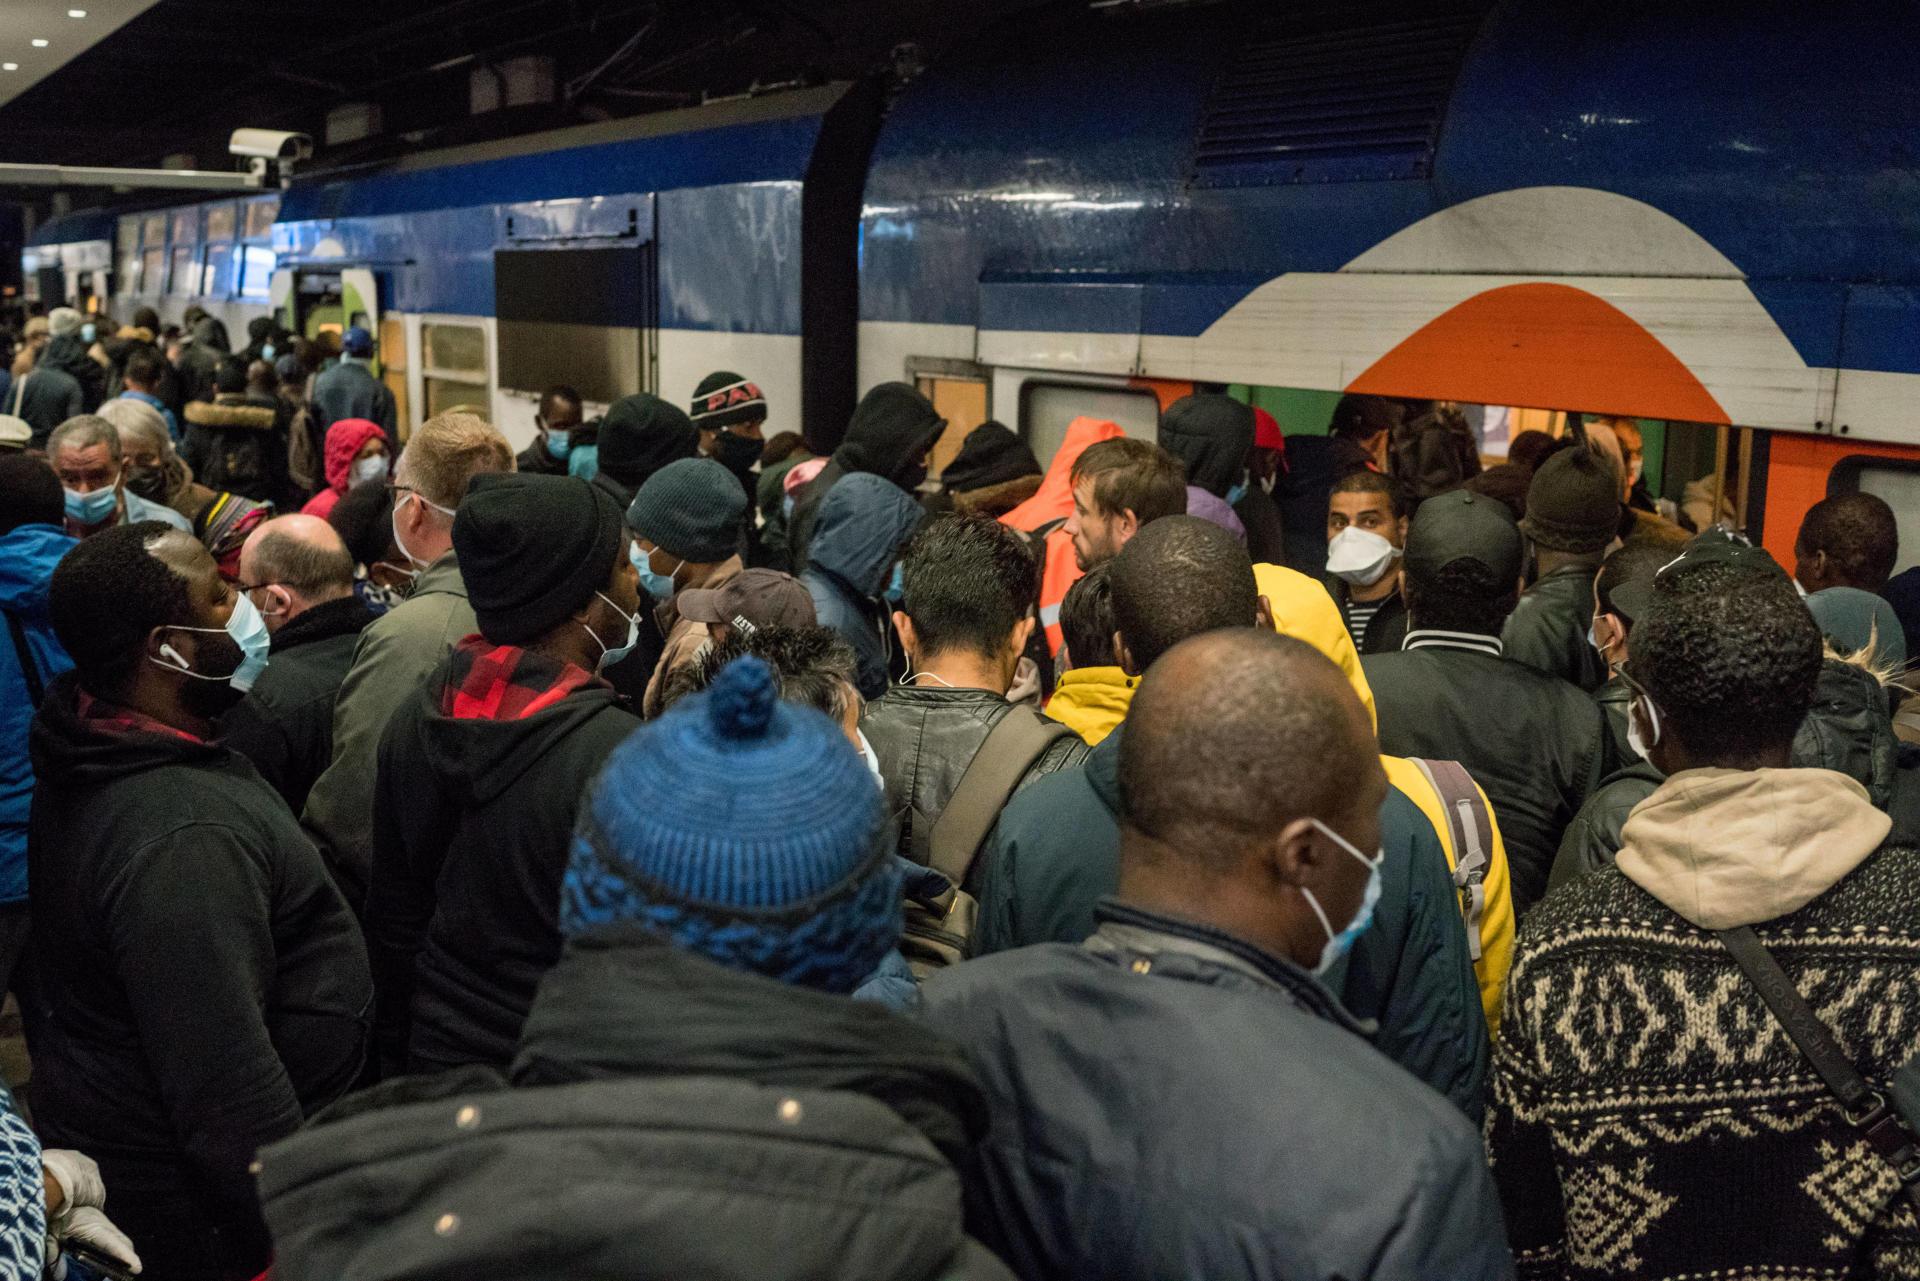 Une foule d'usagers se pressent pour essayer de monter dans le RER D (déjà plein a son arrivée en Gare du Nord) en direction de Corbeil-Essonnes, le 11 mai.